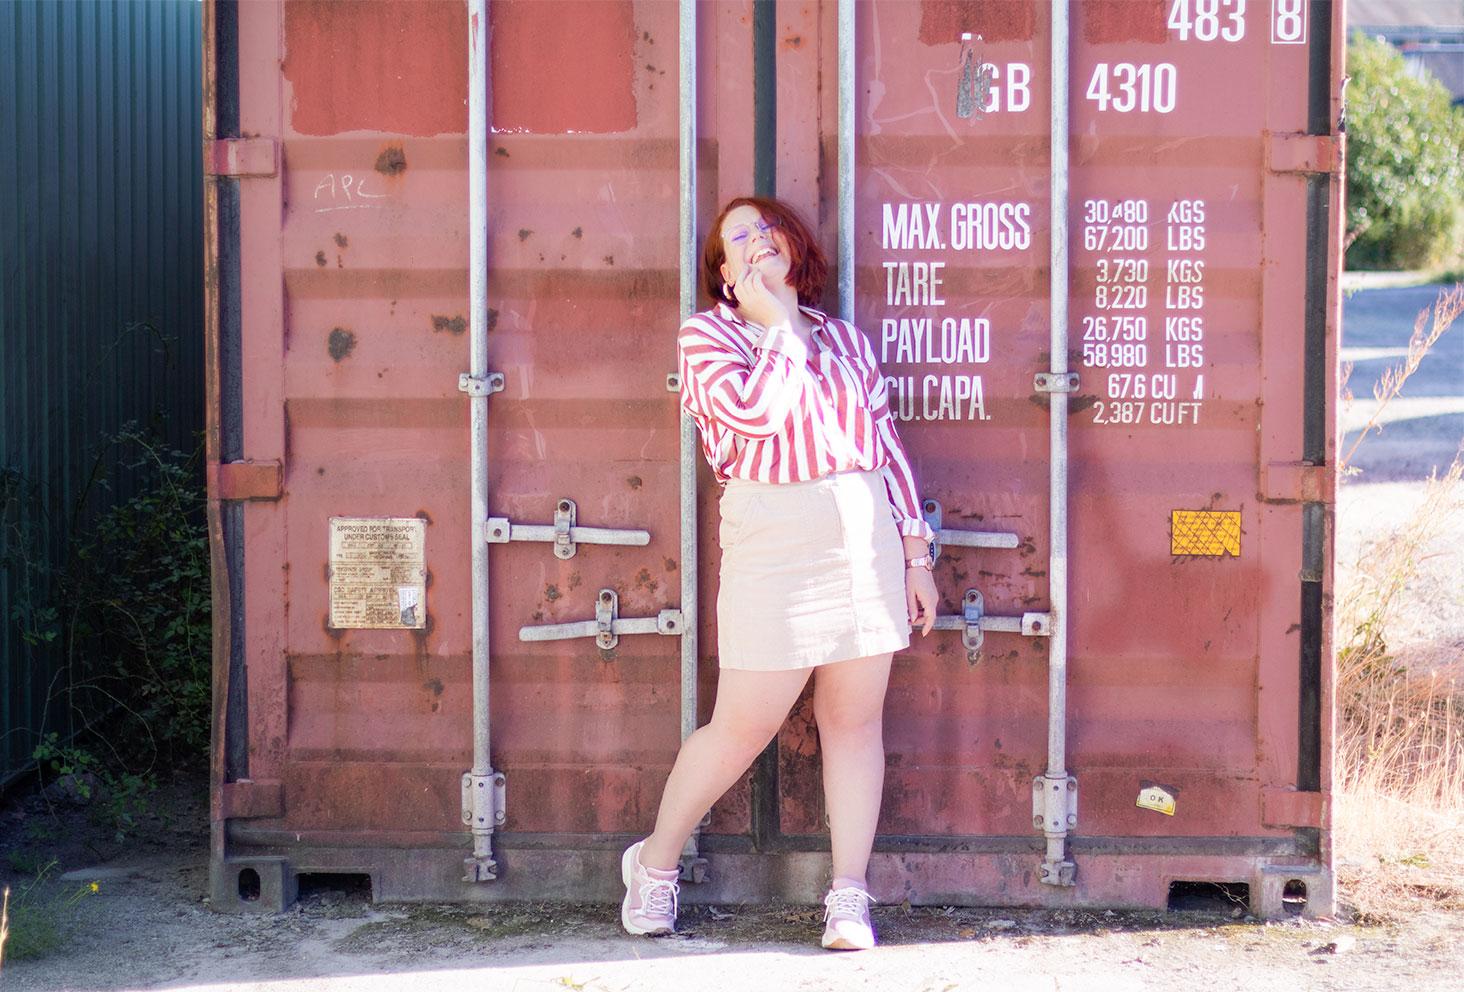 Devant une benne en look de rentrée Bizzbee, chemise oversize rentrée dans une jupe en velours beige, des baskets roses aux pieds